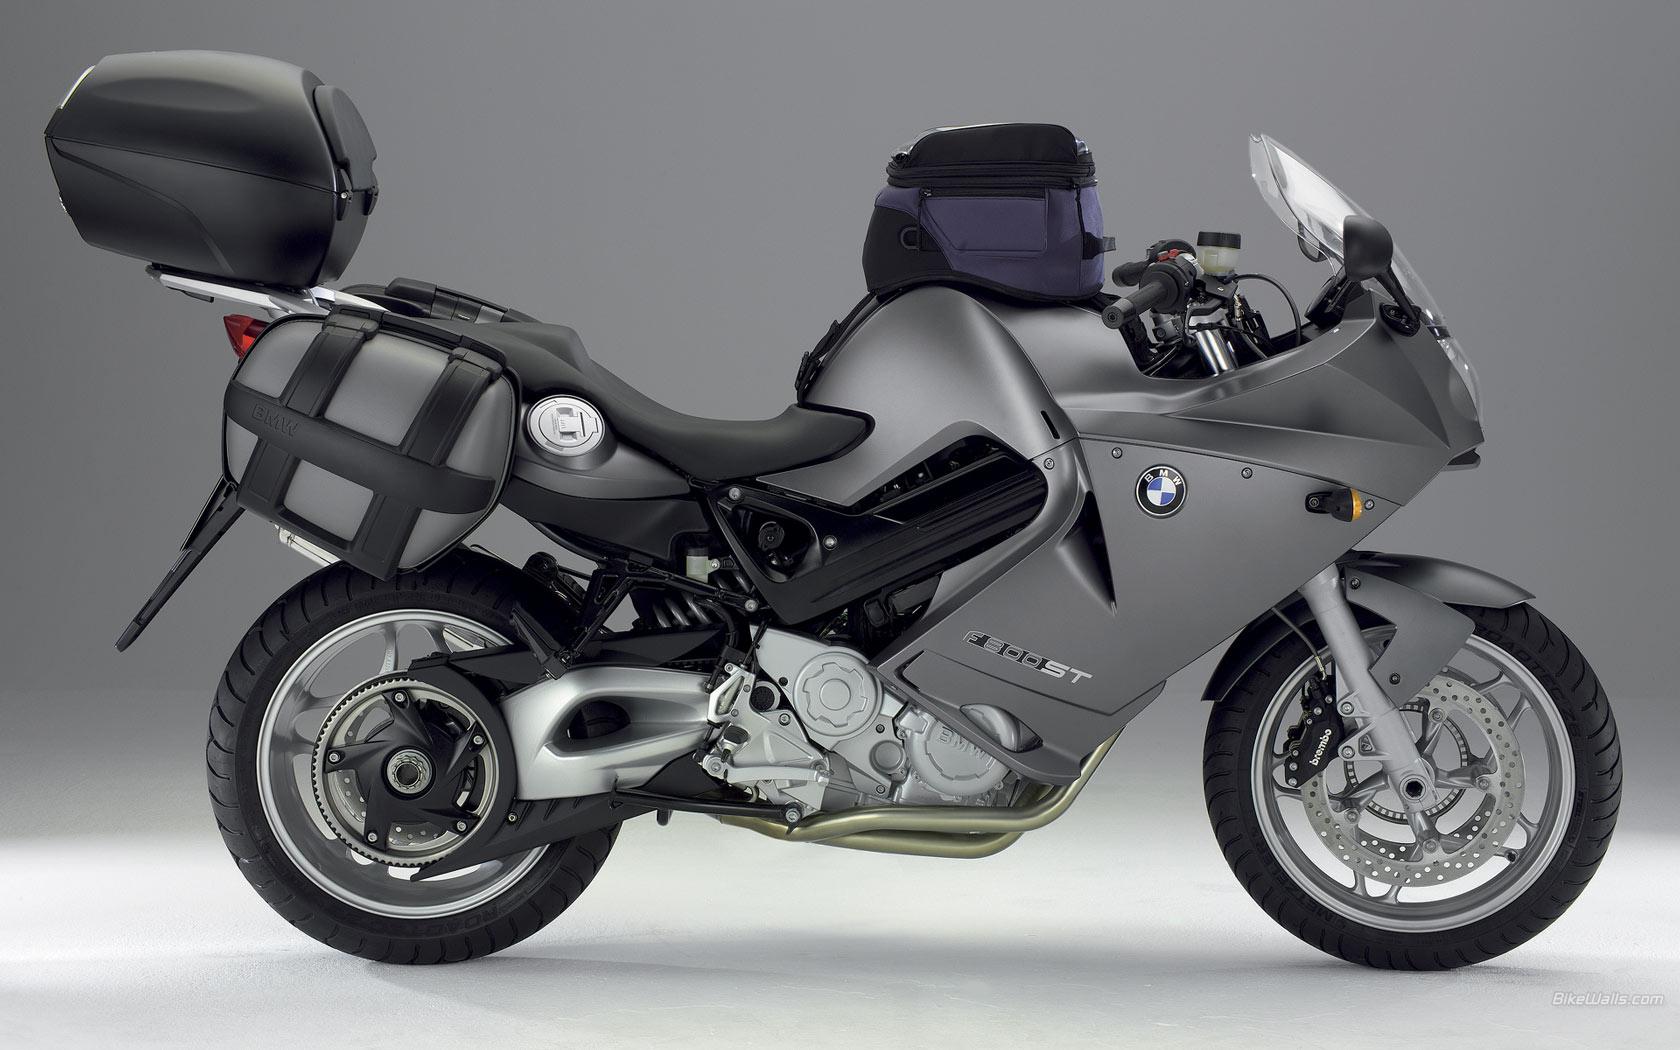 BMW_F_800_ST_2006_10_1680x1050.jpg